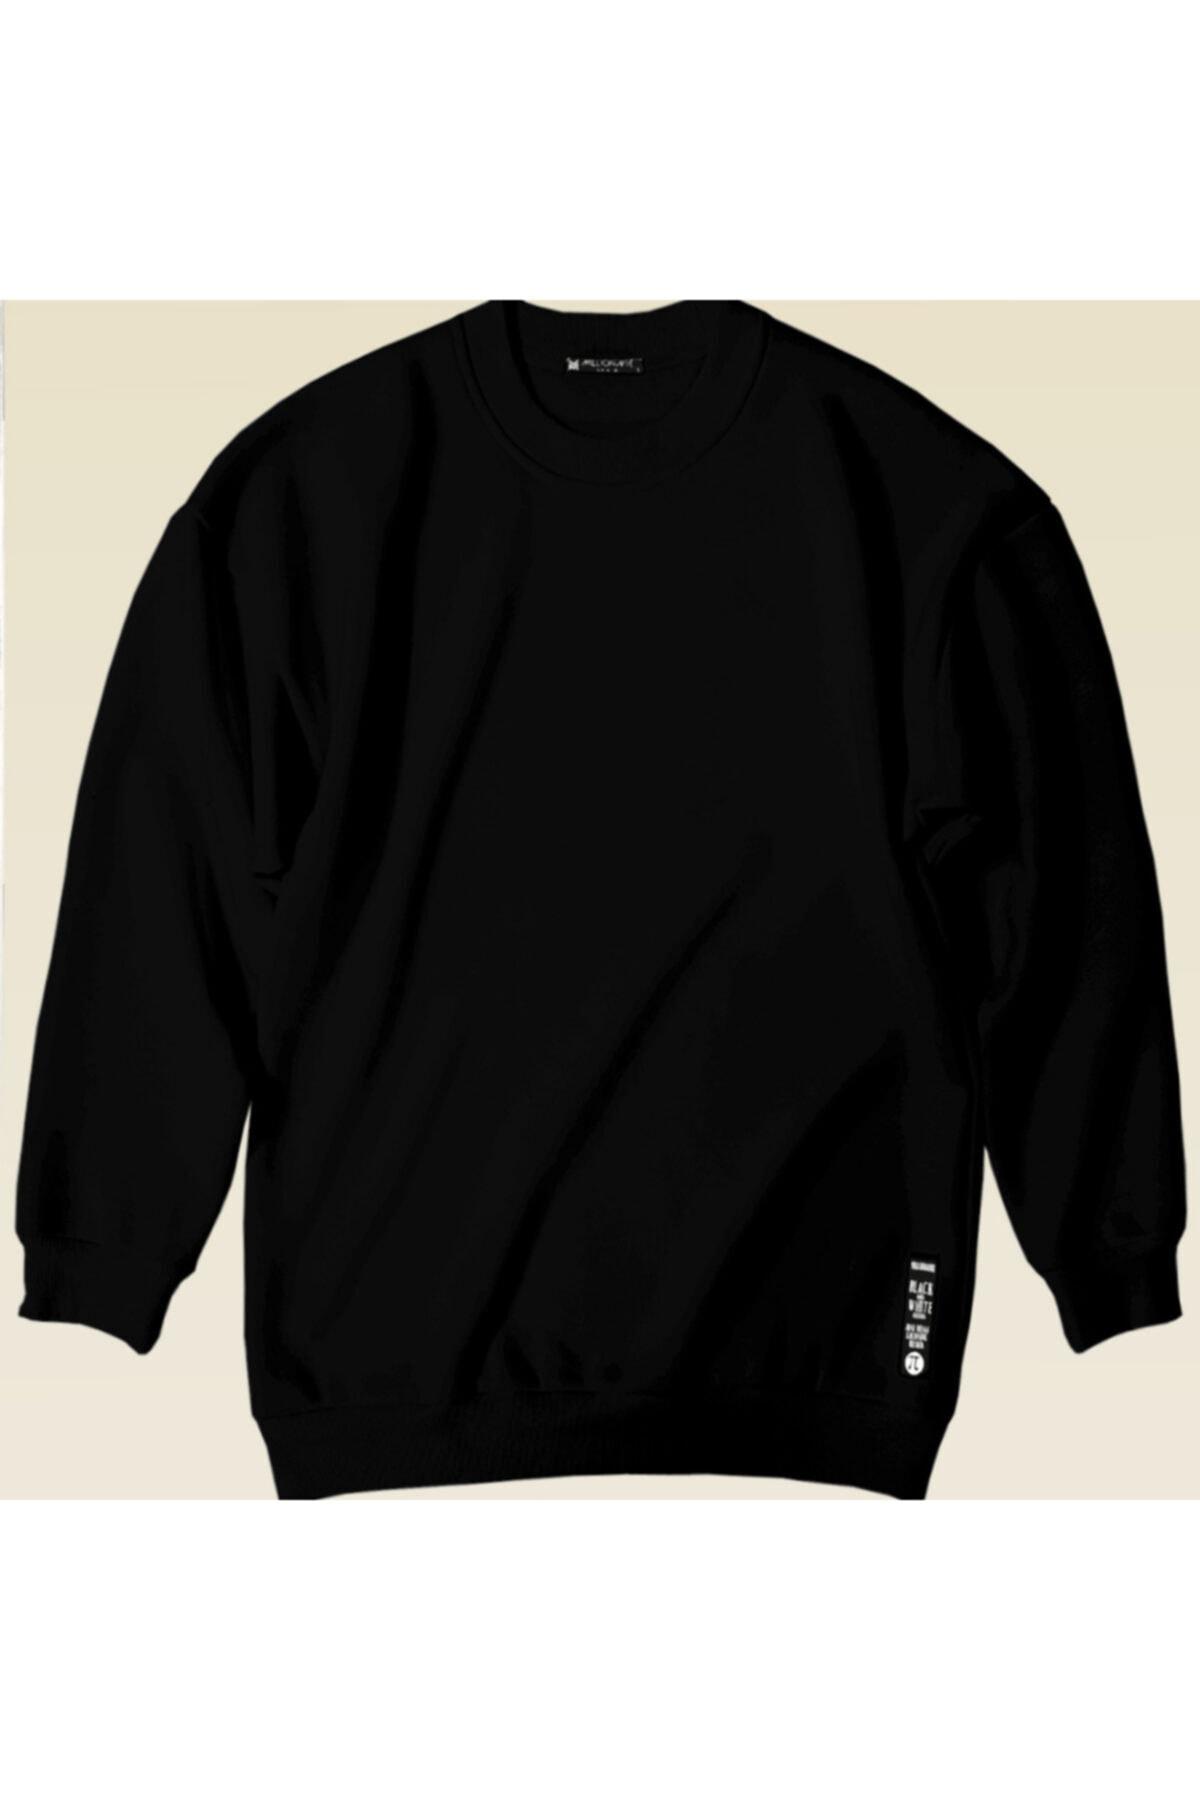 Millionaire Kadın Siyah Basic 0 Sıfır Yaka Baskısız Düz Oversize Salaş Bol Kesim Polar Sweatshirt 1